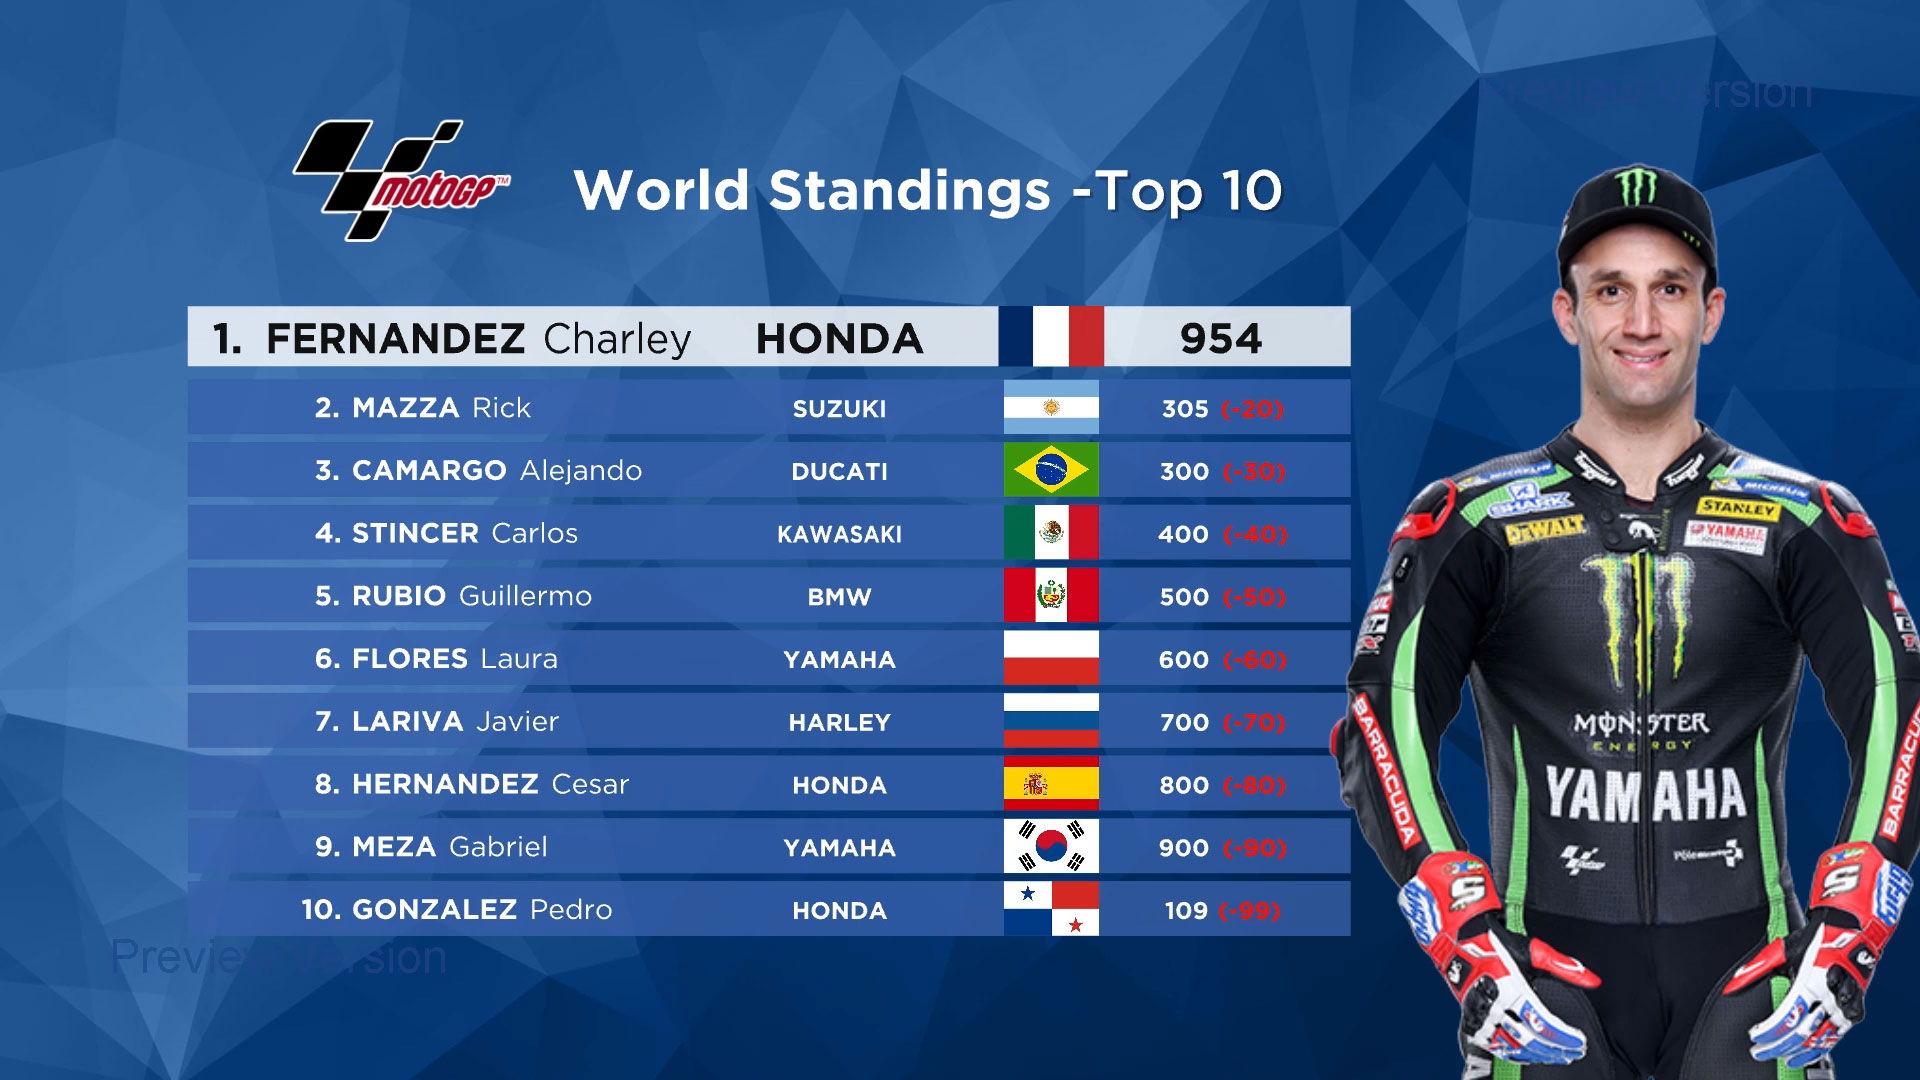 MotoGP World Standings